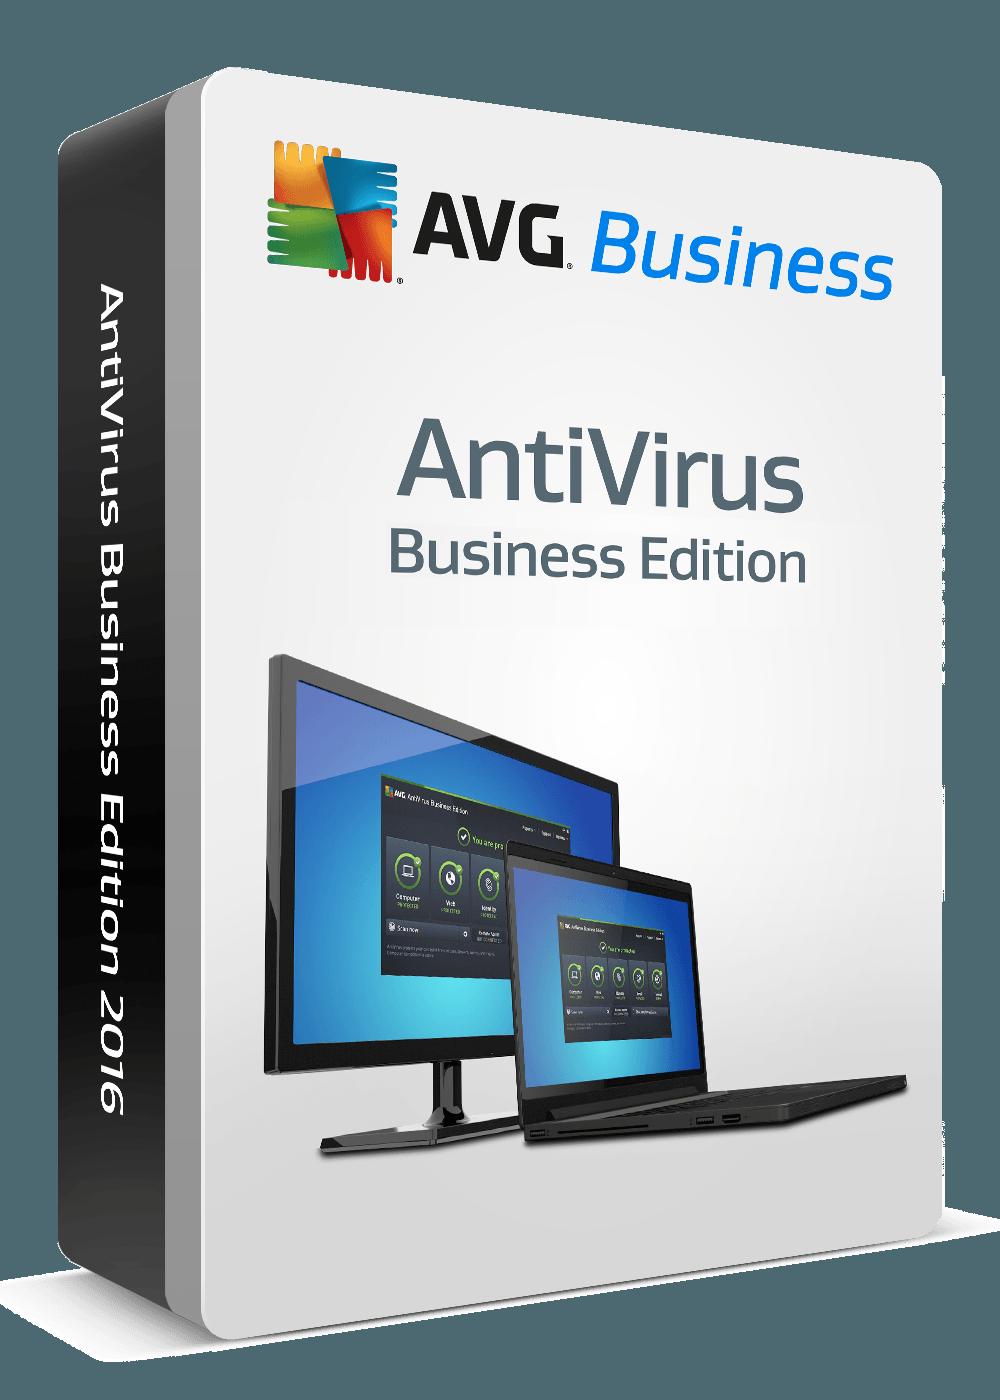 AntiVirus Business